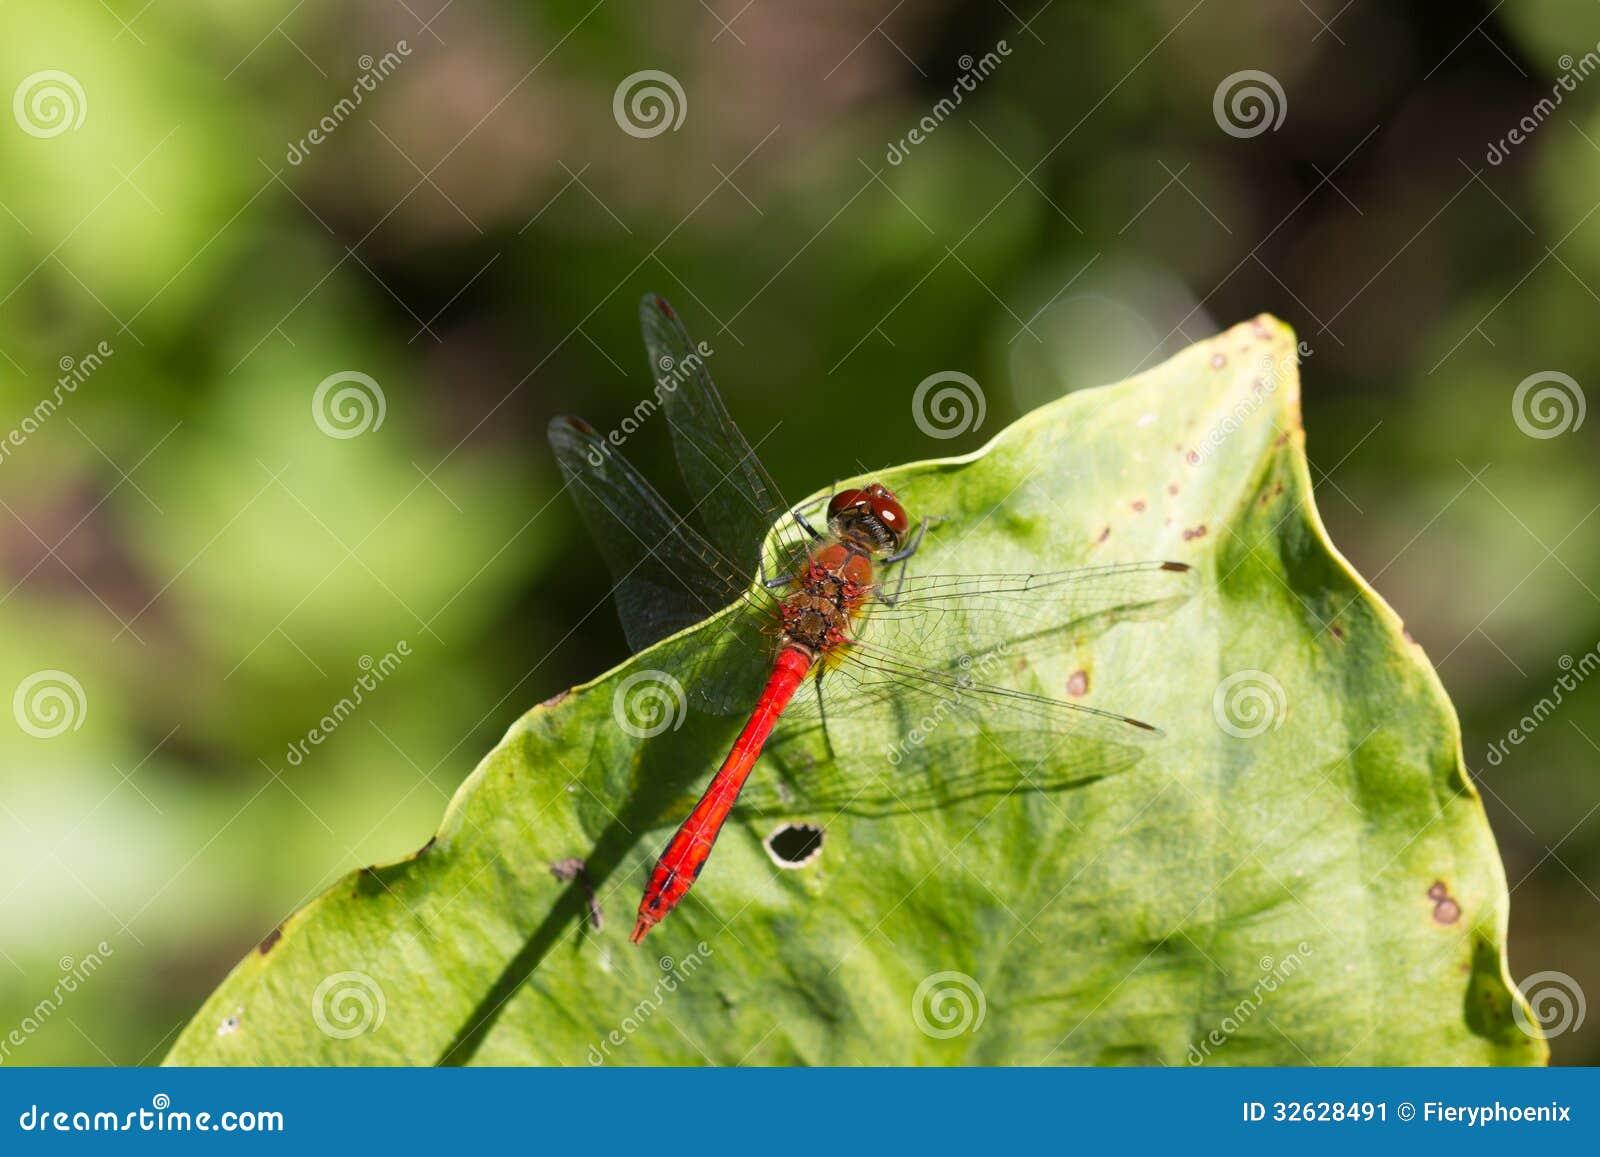 狂放的黄色黑红色蜻蜓anax imperator Sympetrum Fonscol